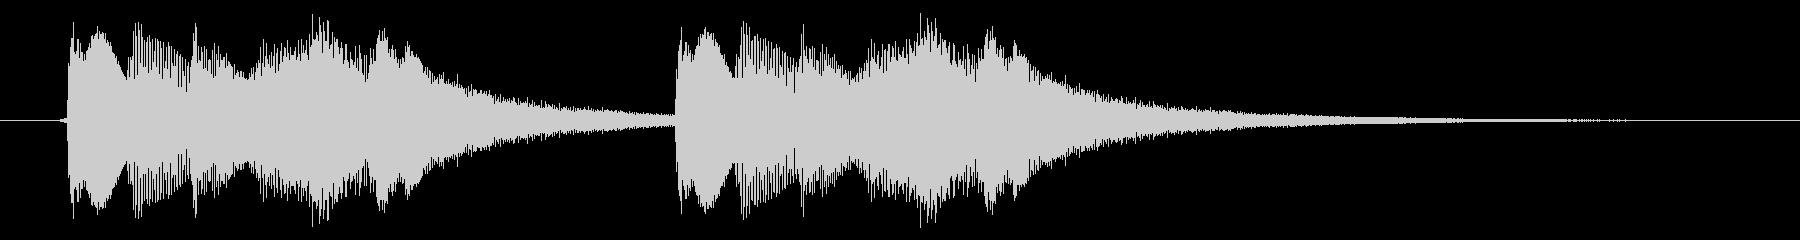 緊急アラート01-4(遠い)の未再生の波形